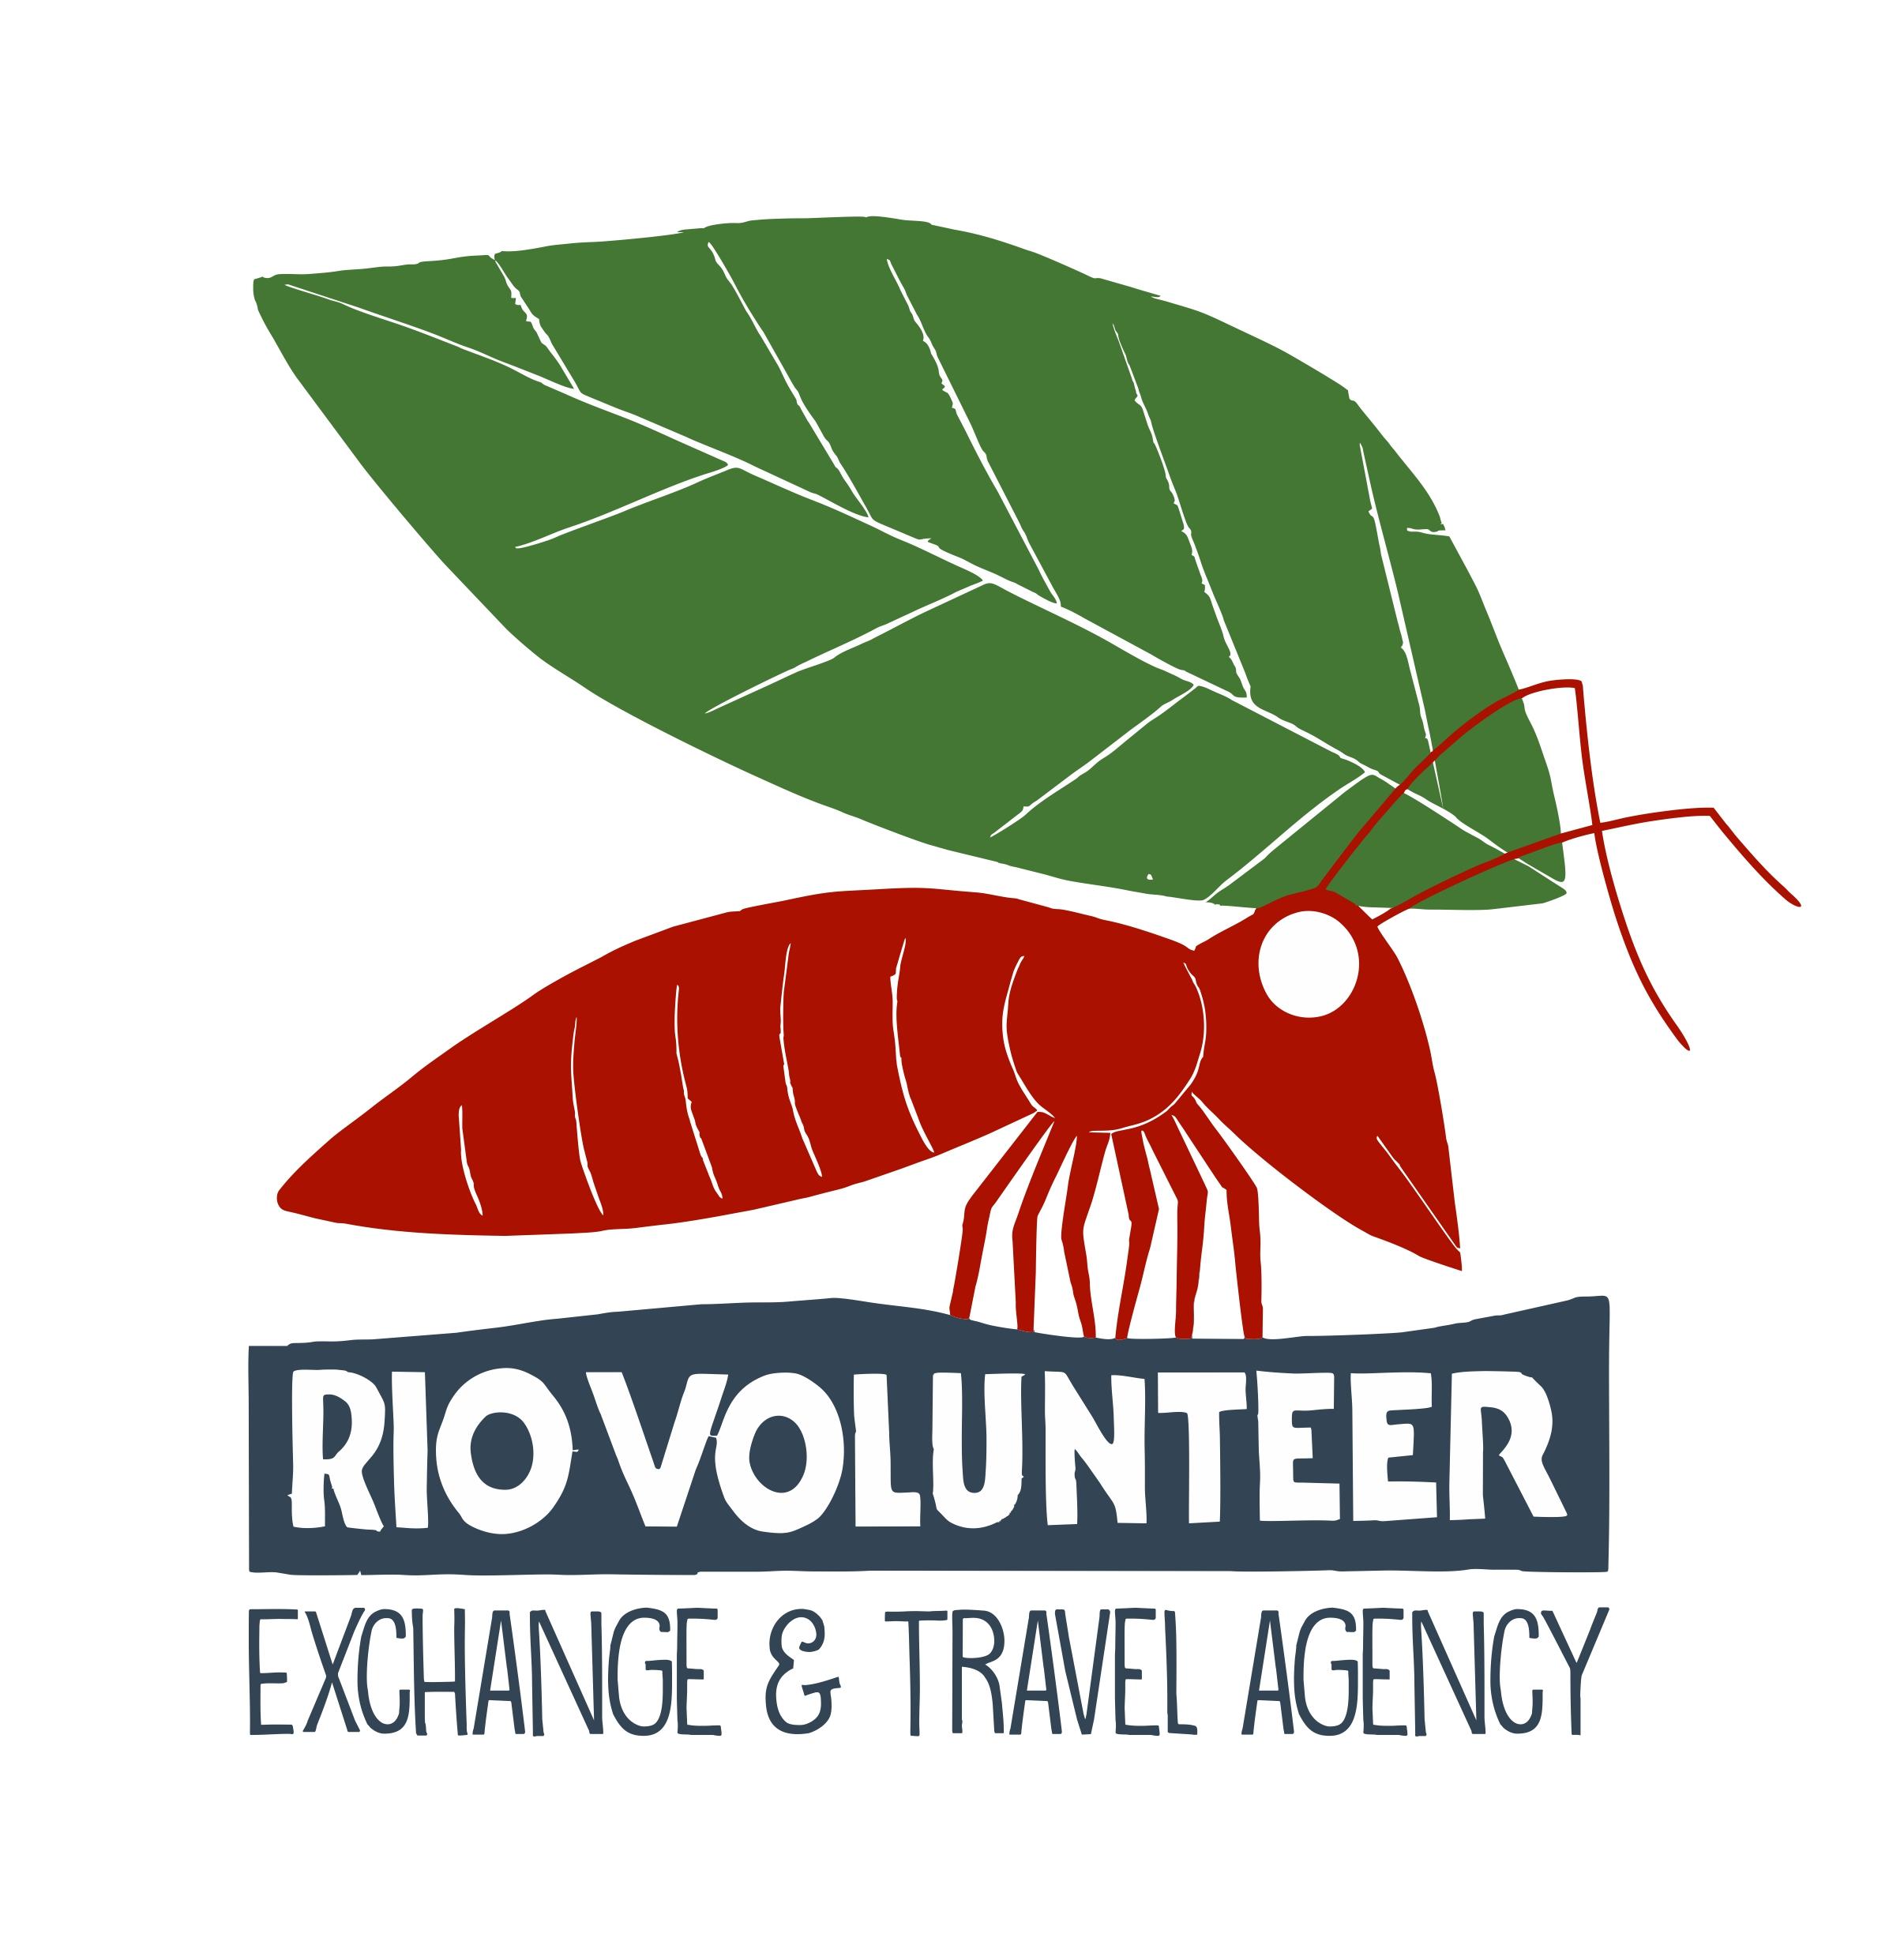 Rio Volunteer